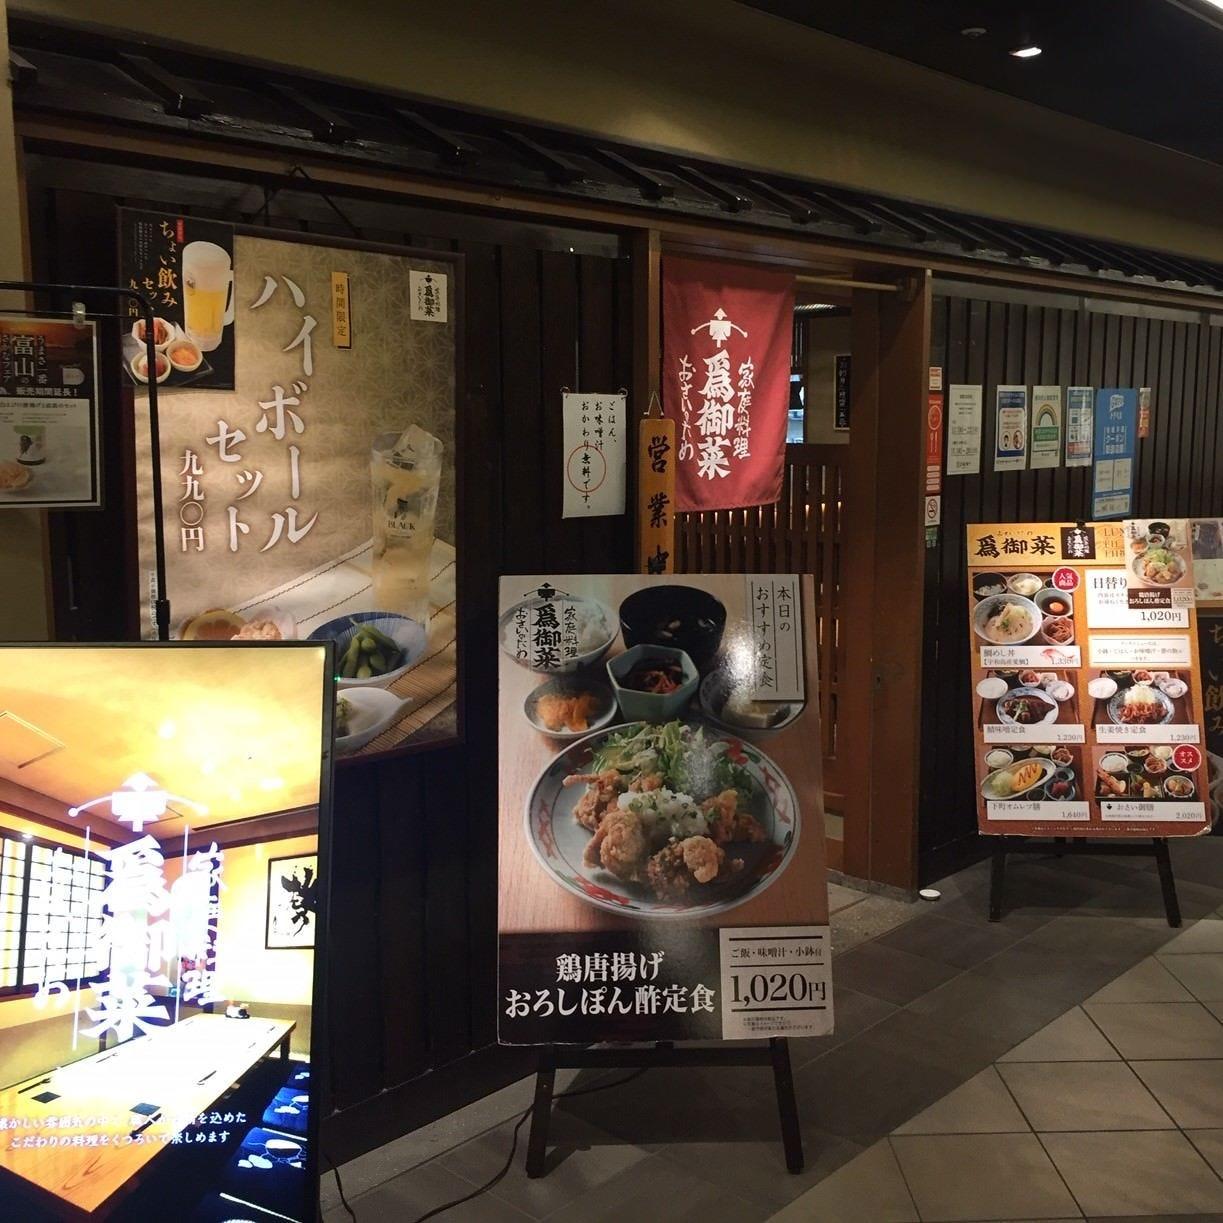 為御菜東京駅黒塀横丁